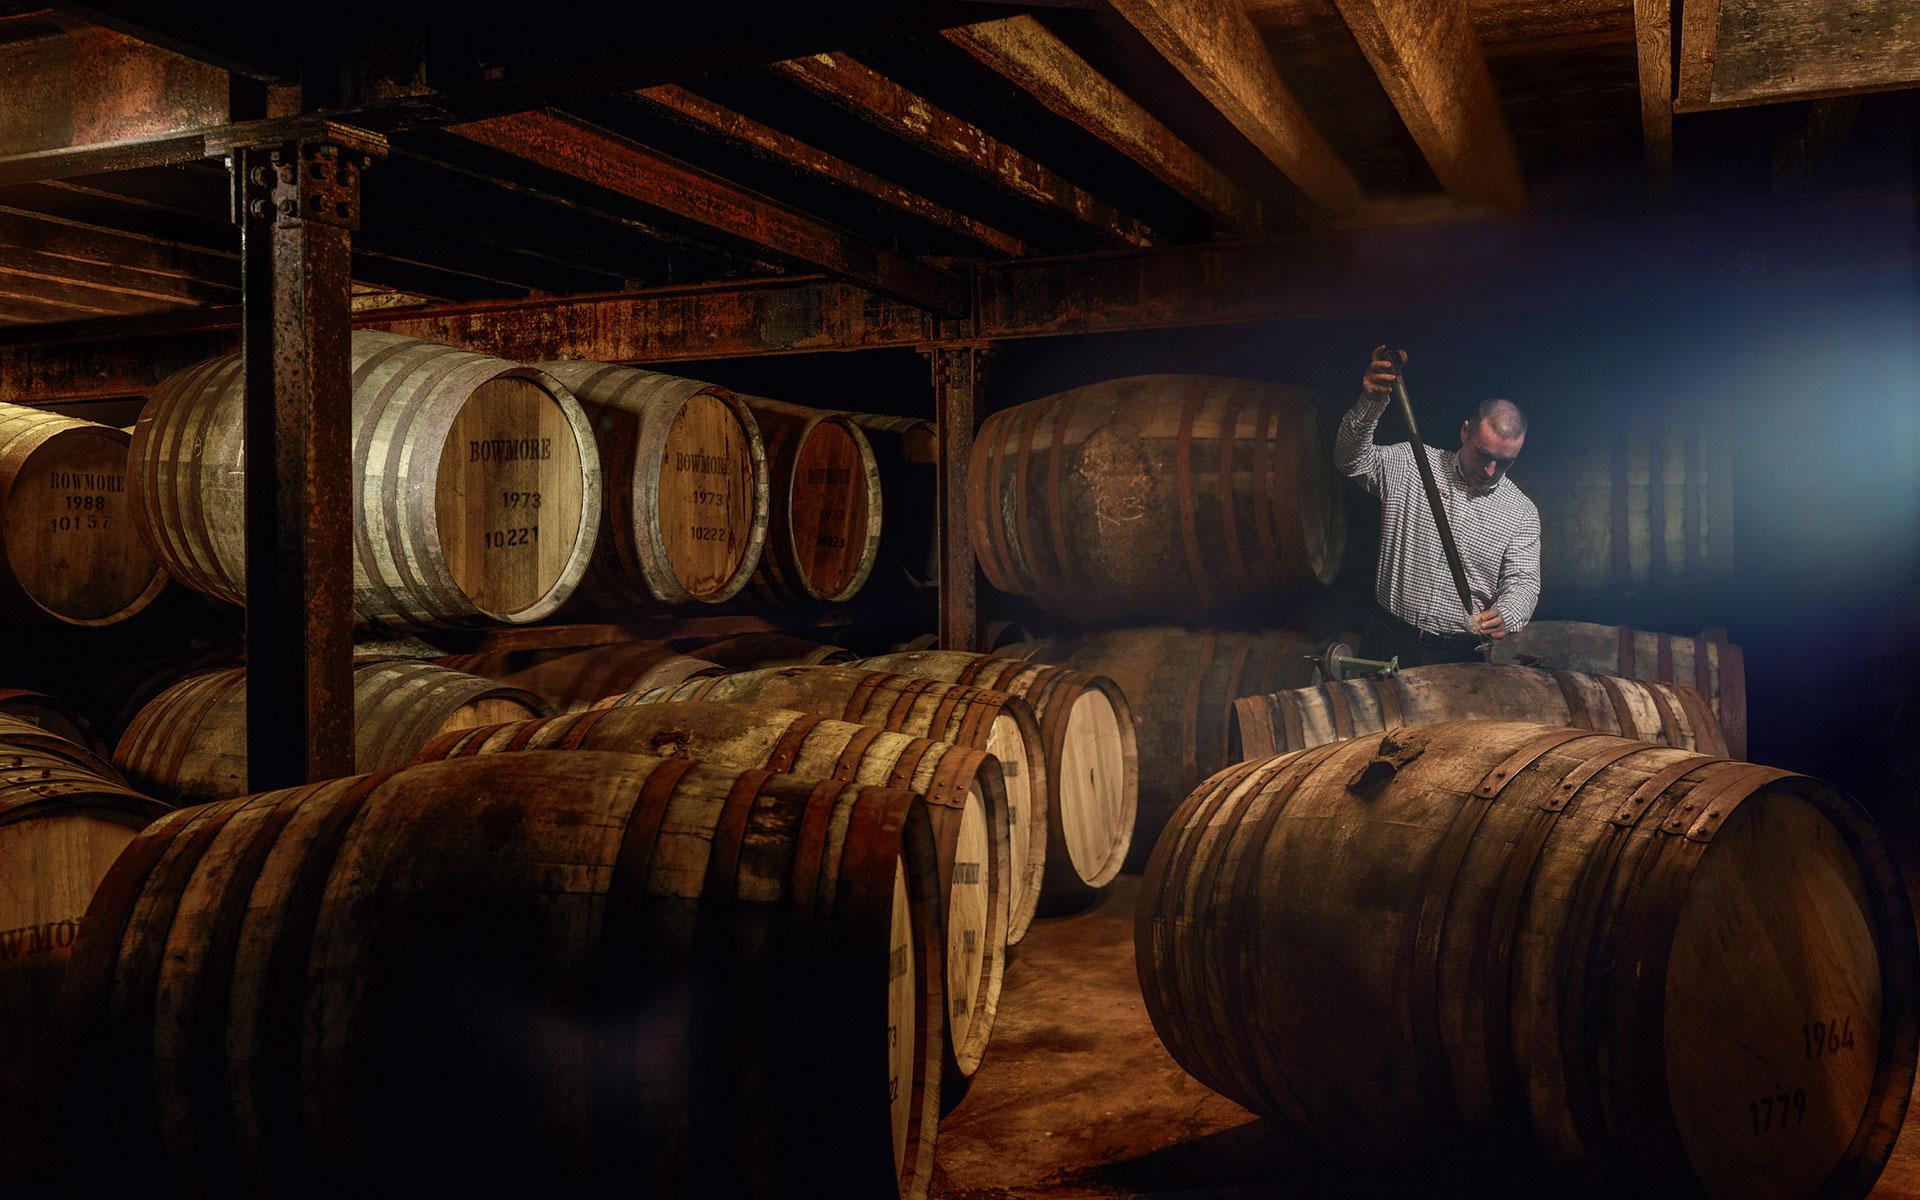 Regelmäßig werden mit einer Valinch kleine Proben aus den Fässern genommen, um die Qualität des Whiskys zu überprüfen (Foto: Beam Suntory)